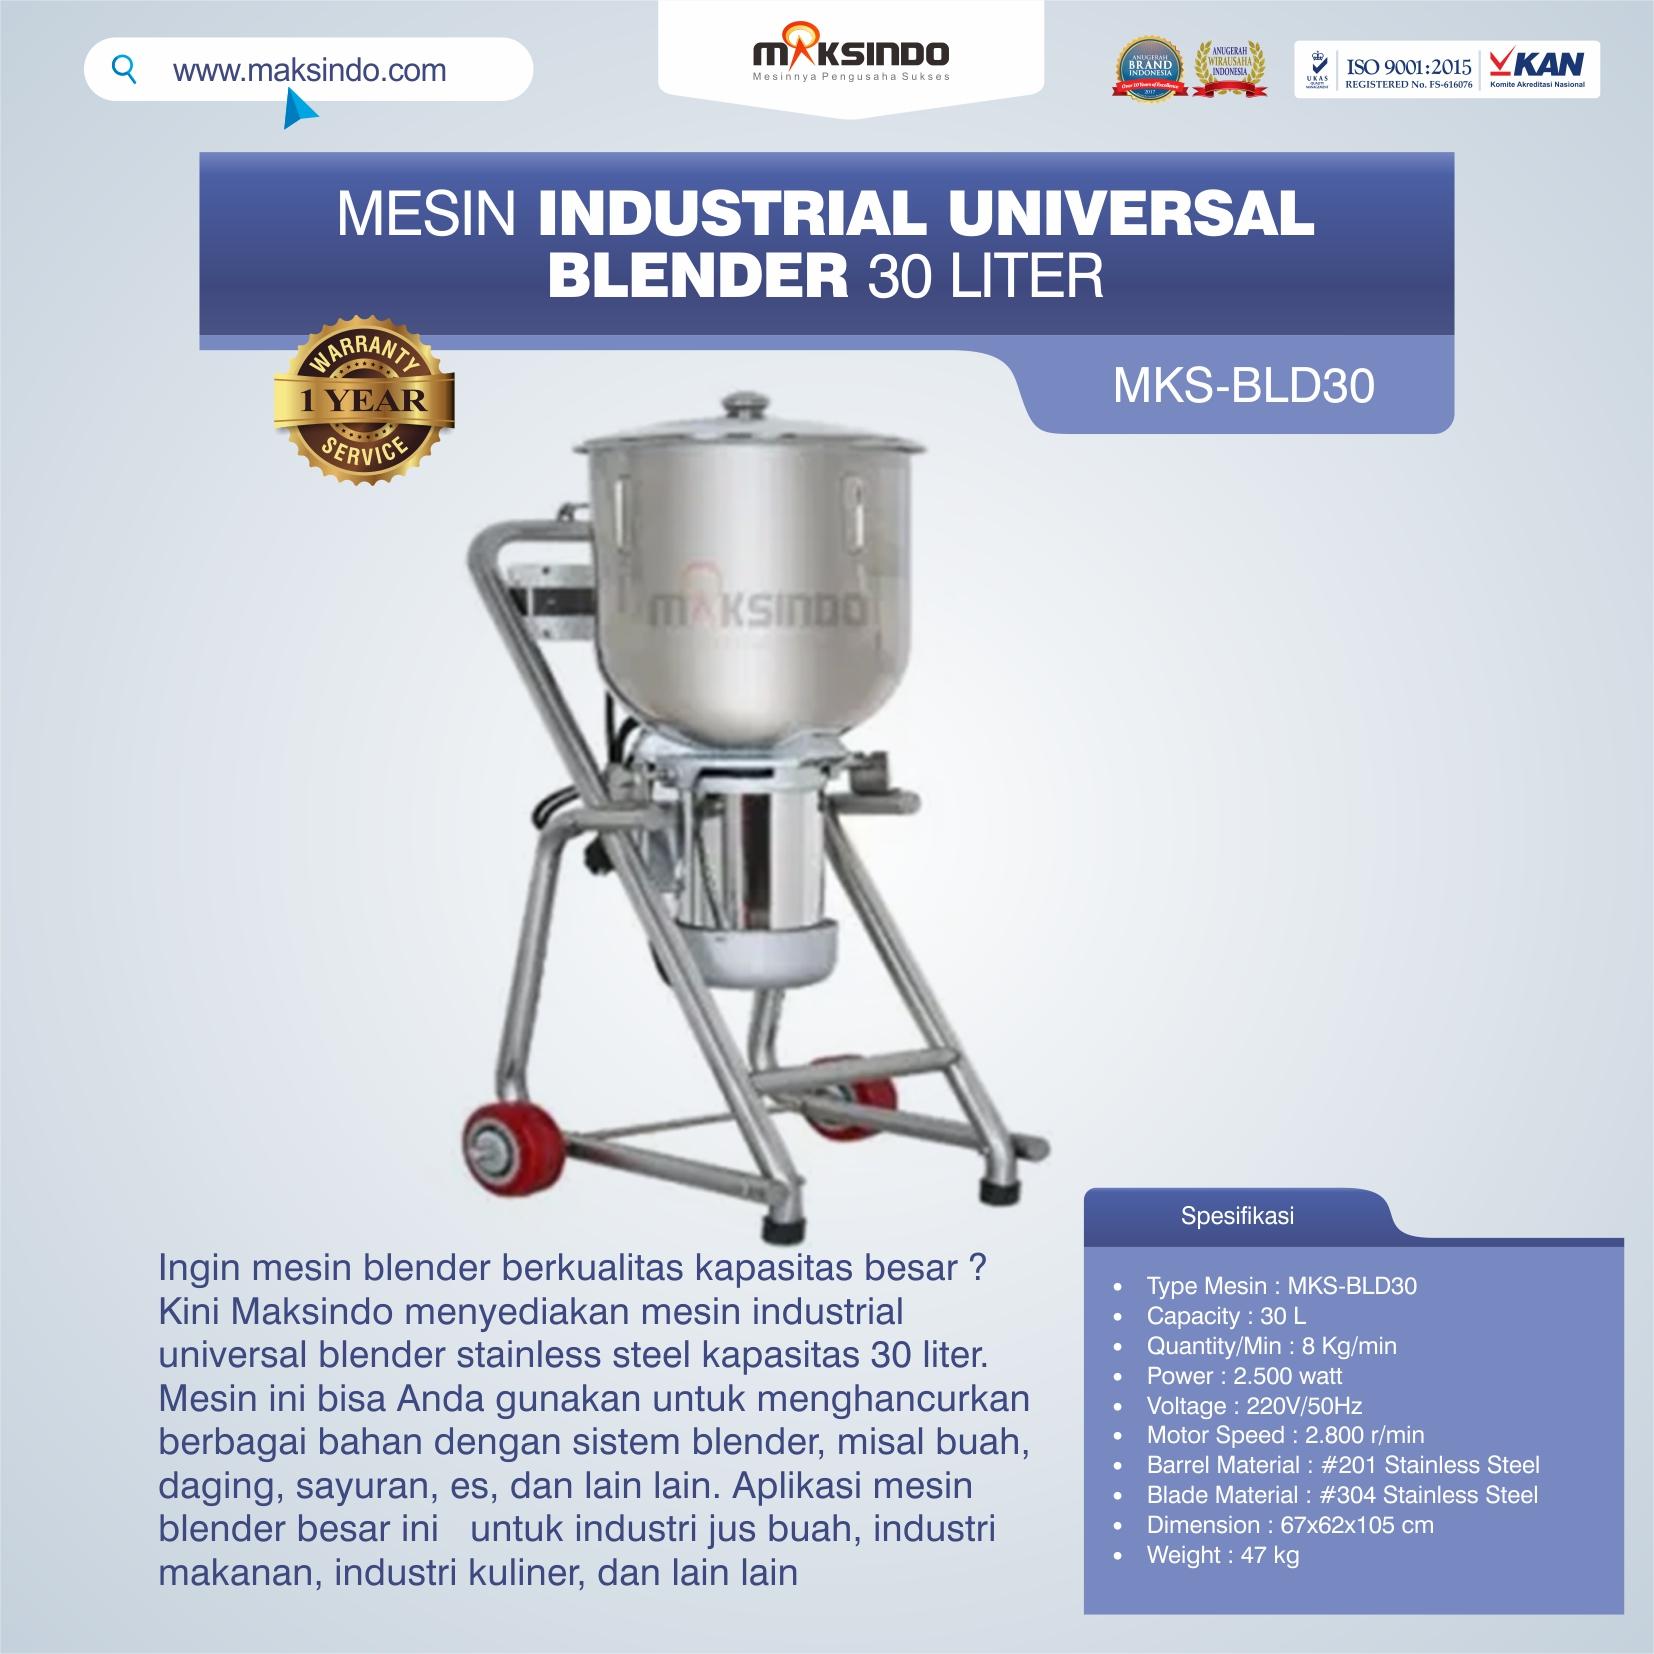 Jual Industrial Universal Blender 30 Liter MKS-BLD30 di Semarang